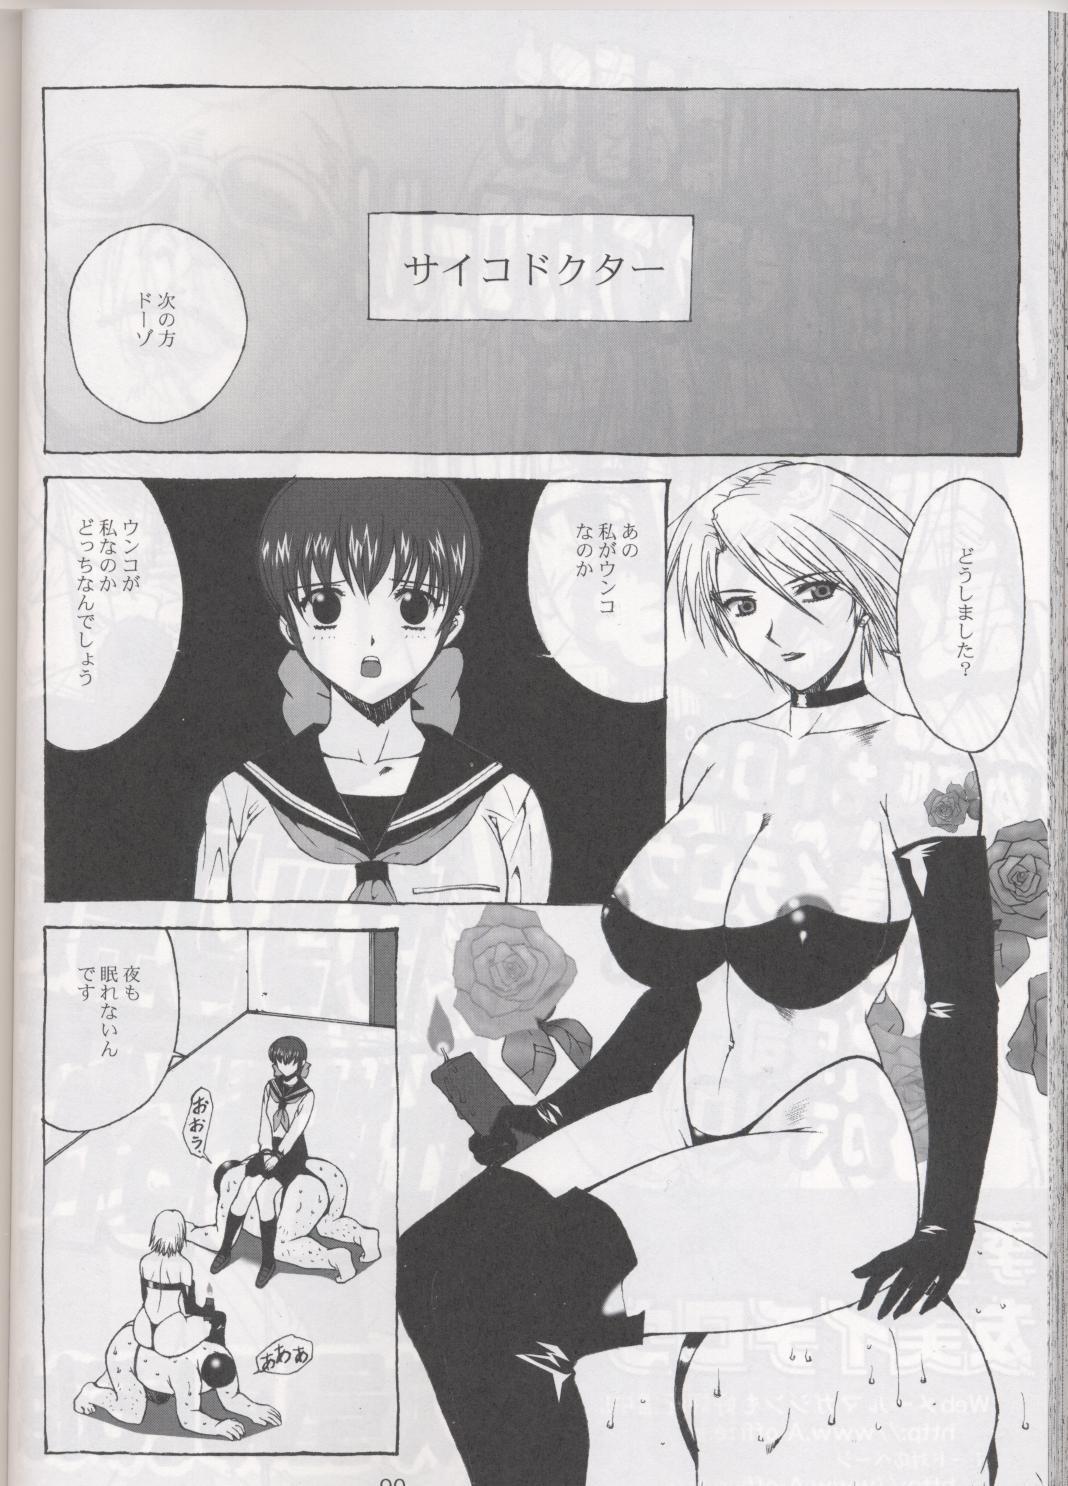 Kikan Tomomi Ichirou Dai 4 Gou 2002 Nen Natsu Aki Fuyu Daigappeigou 90